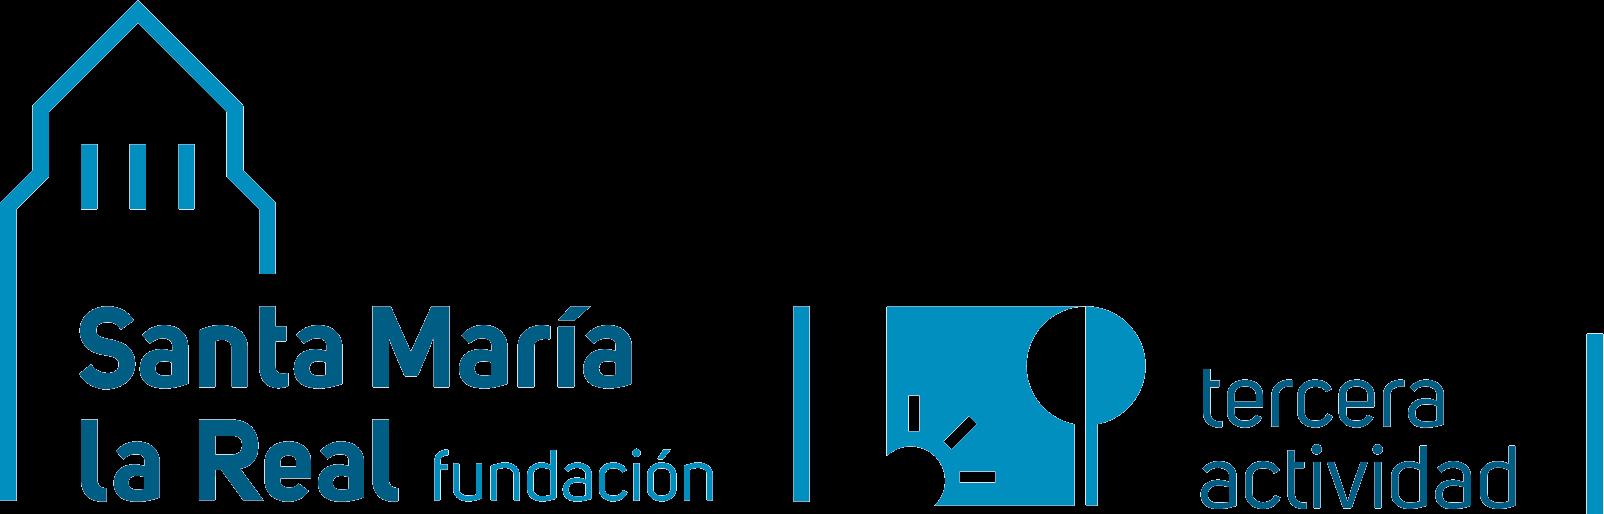 Tercera Actividad – Fundación Santa María La Real